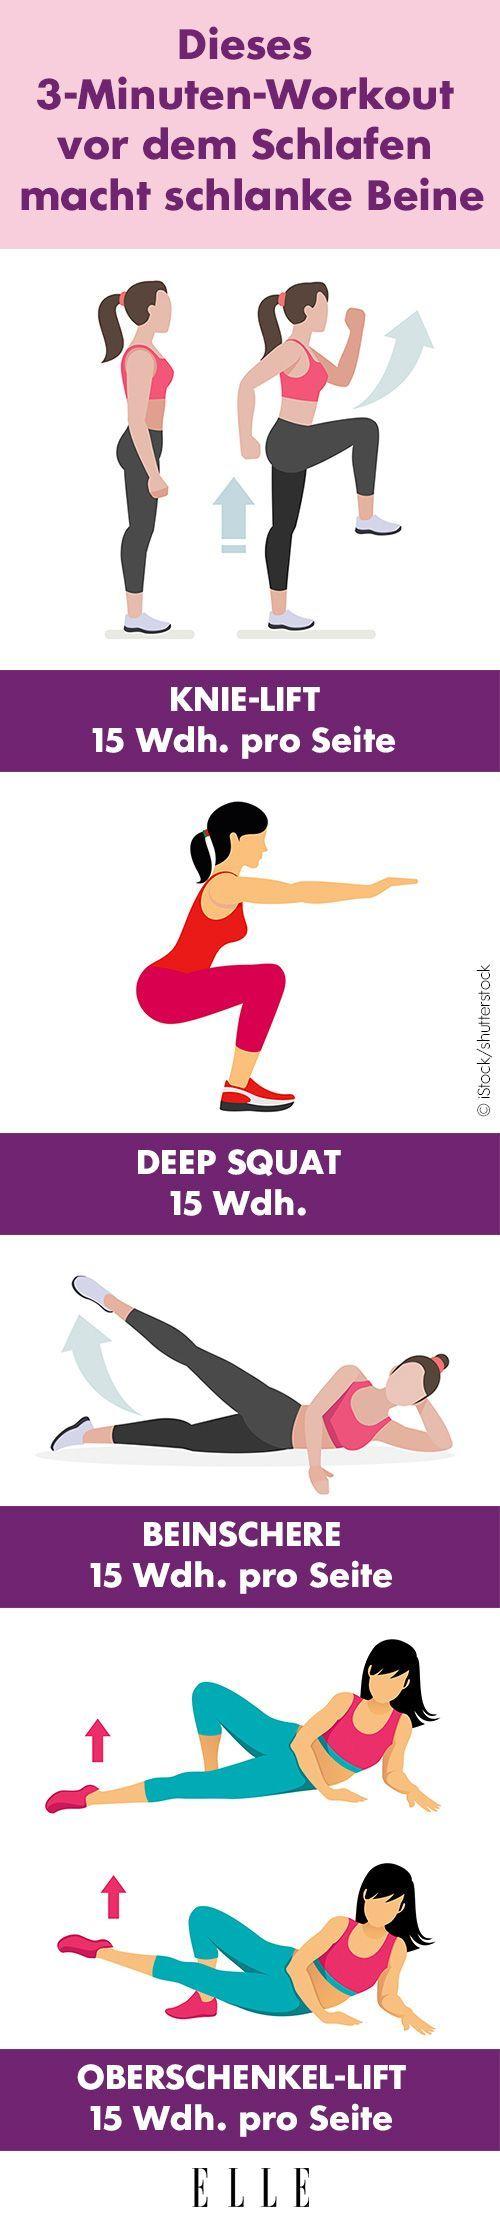 3-Minuten-Workout für schlanke Beine        3-Minuten-Workout für schlanke Beine,Fitness-Tipps für d...